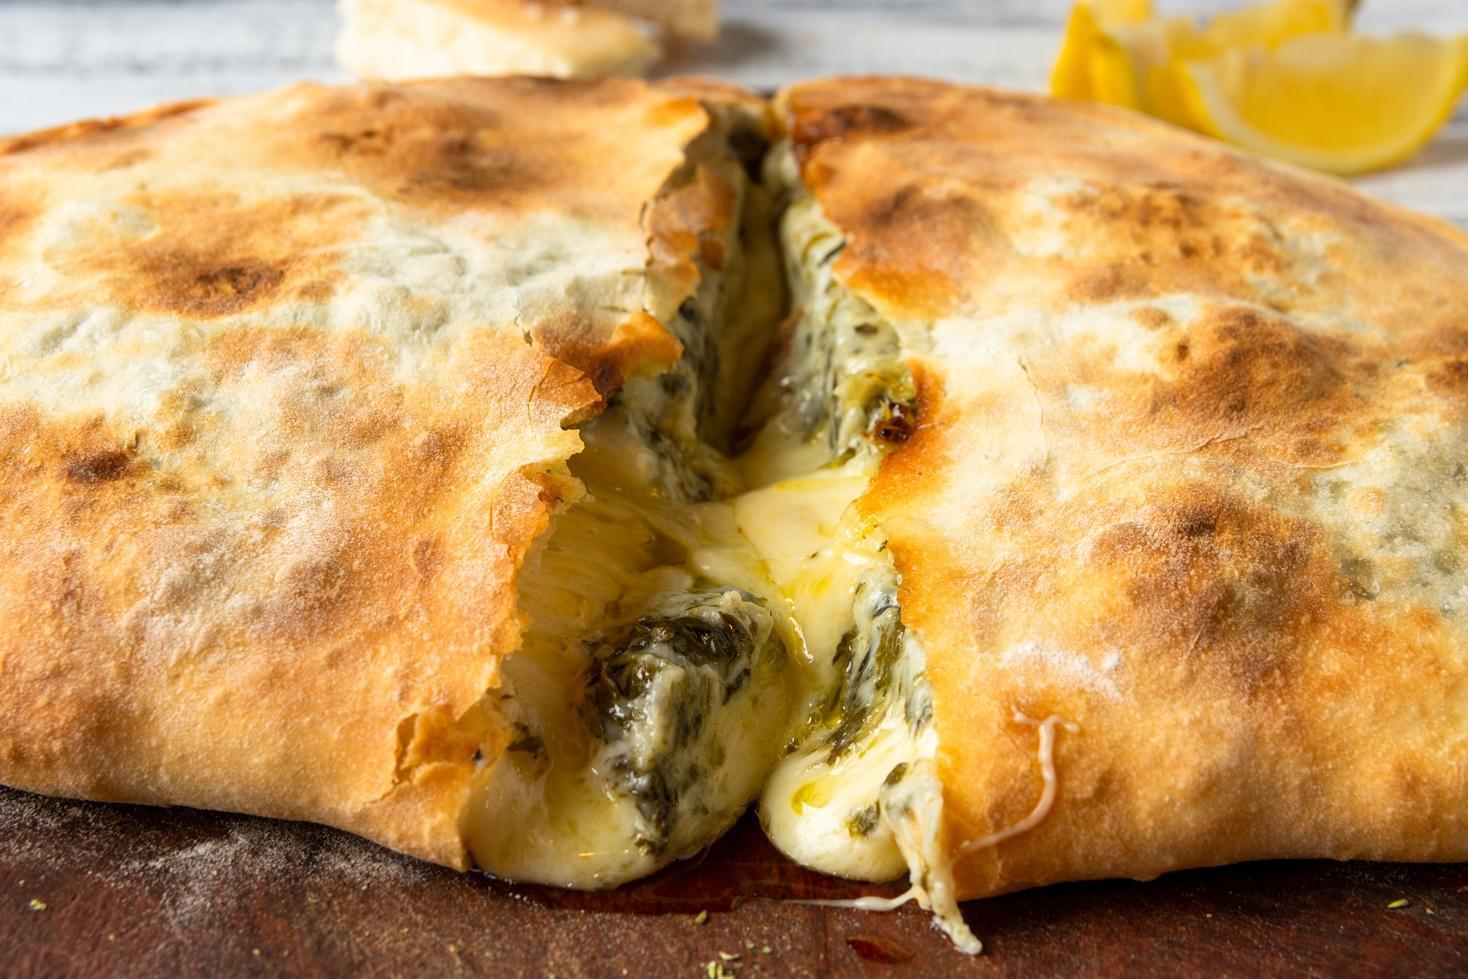 Rețetă de pizza calzone cu spanac și brânzeturi și blat de pizza by Jamie Oliver